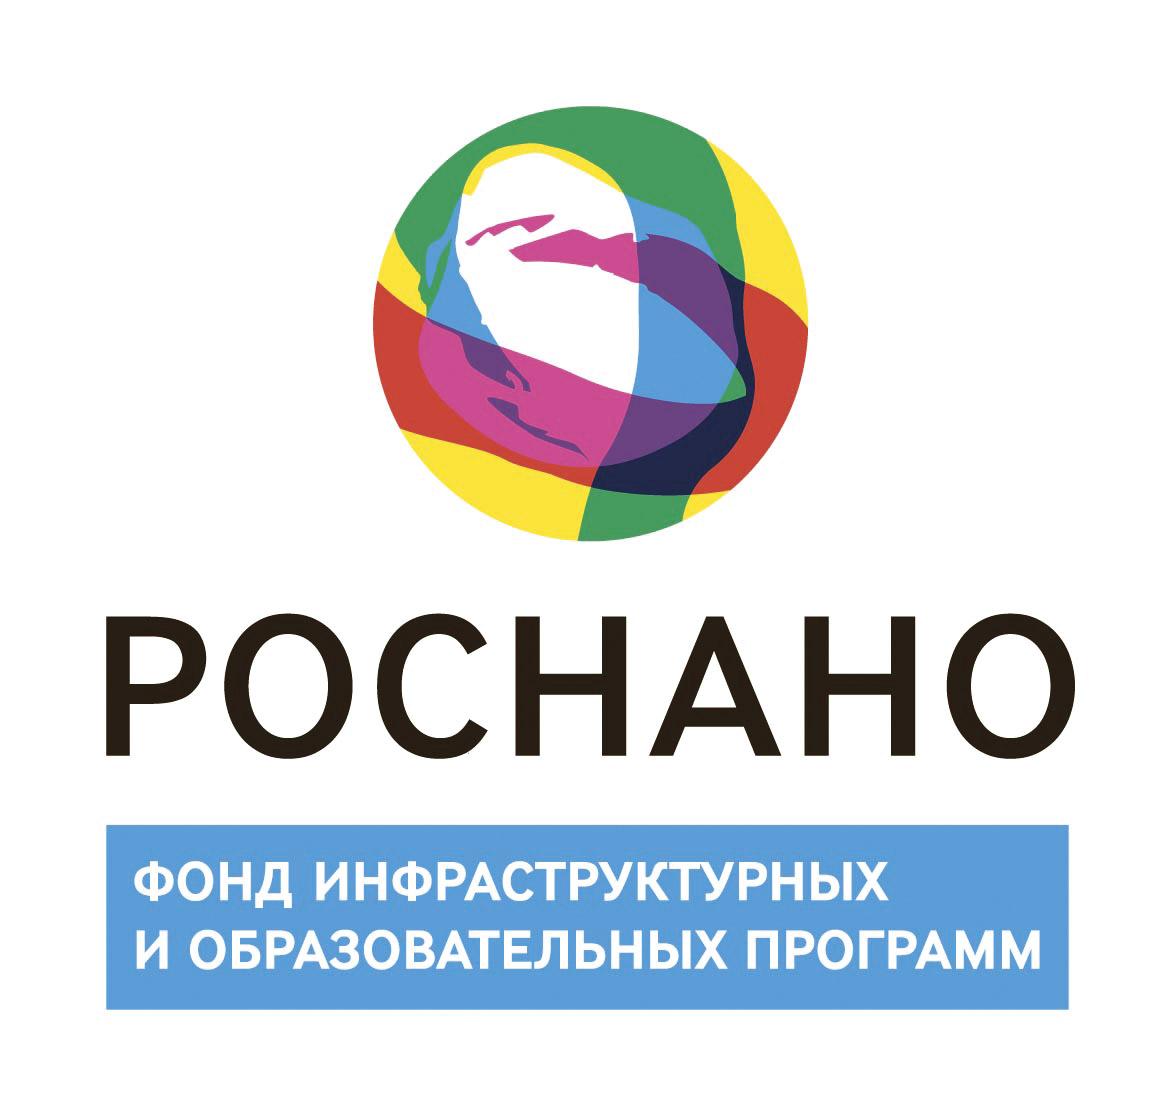 Итоги заседания  Совета директоров  ОАО «РОСНАНО»